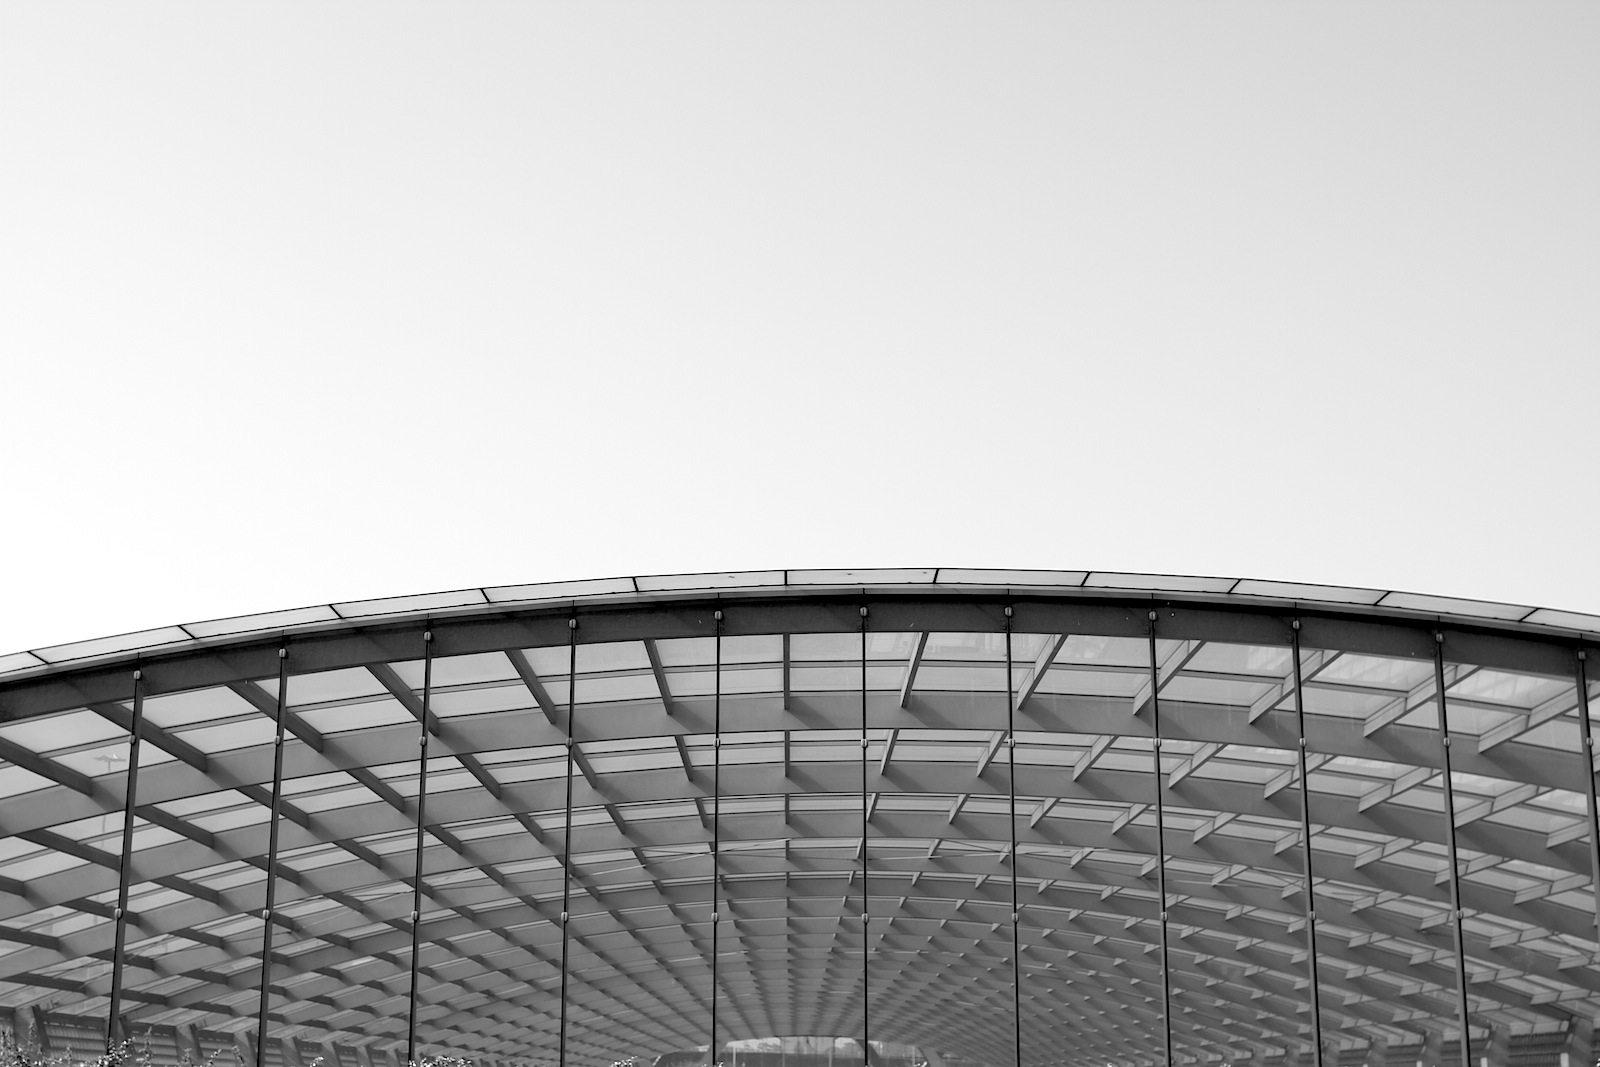 Flughafen Köln Bonn. Ein ca. 20 Meter tiefer Bahnhof mit einem 156 Meter langen, gewölbten Glasdach